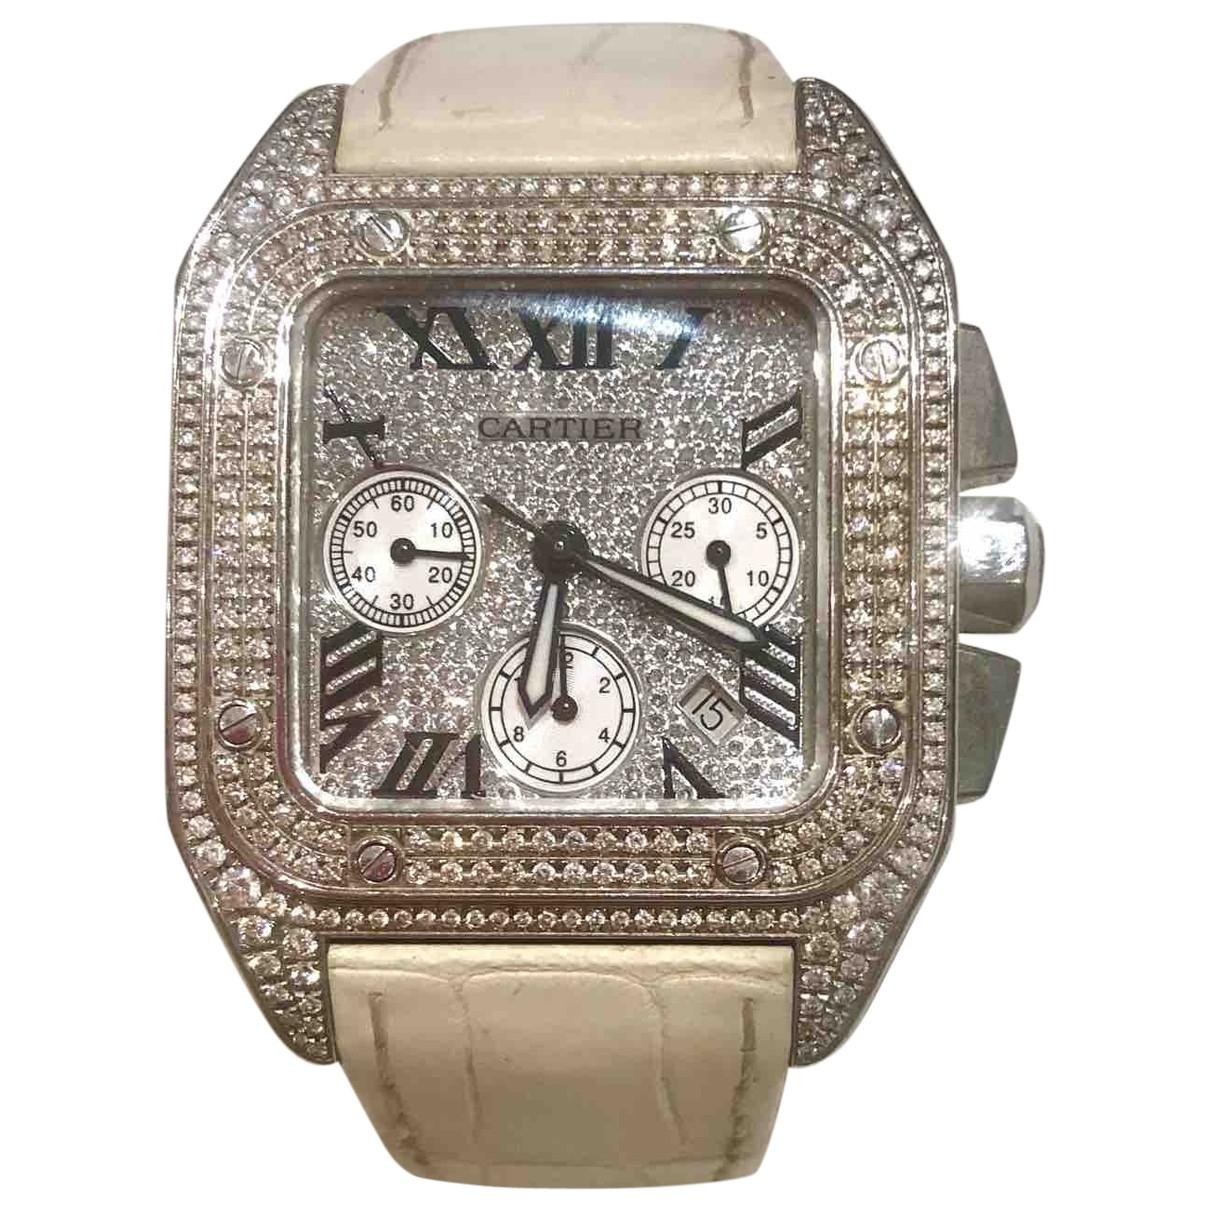 Cartier Santos 100 XL Uhr in Stahl